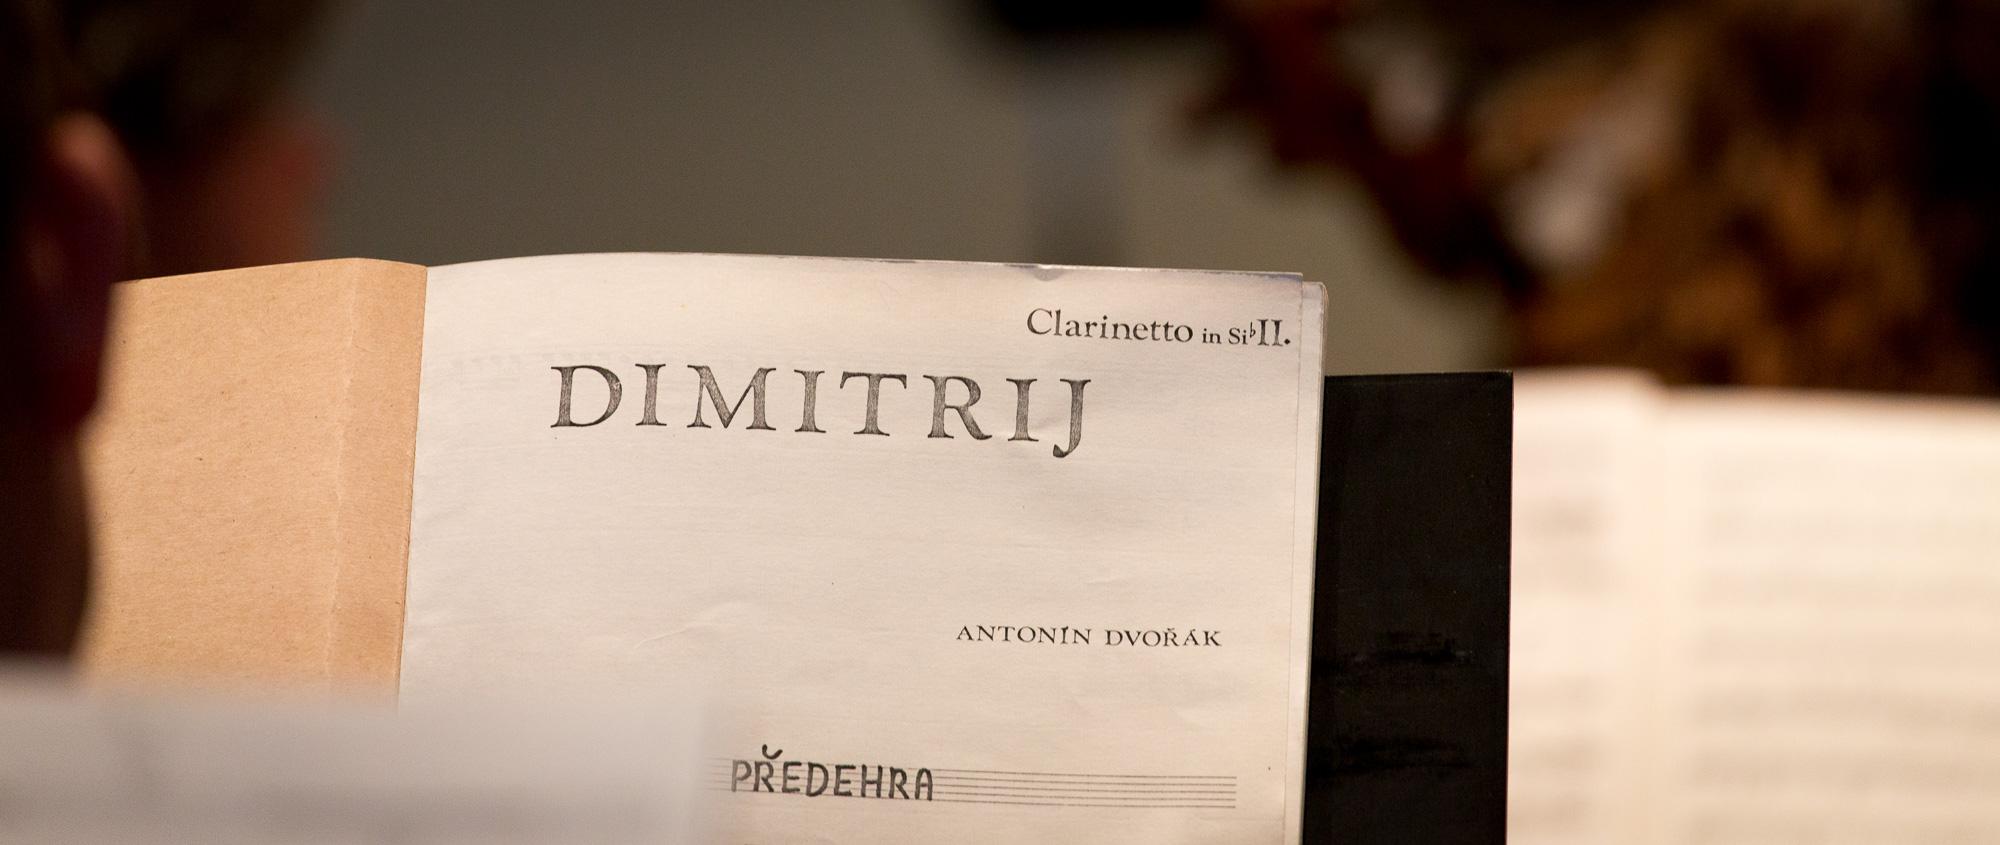 Orchestra rehearsals begin